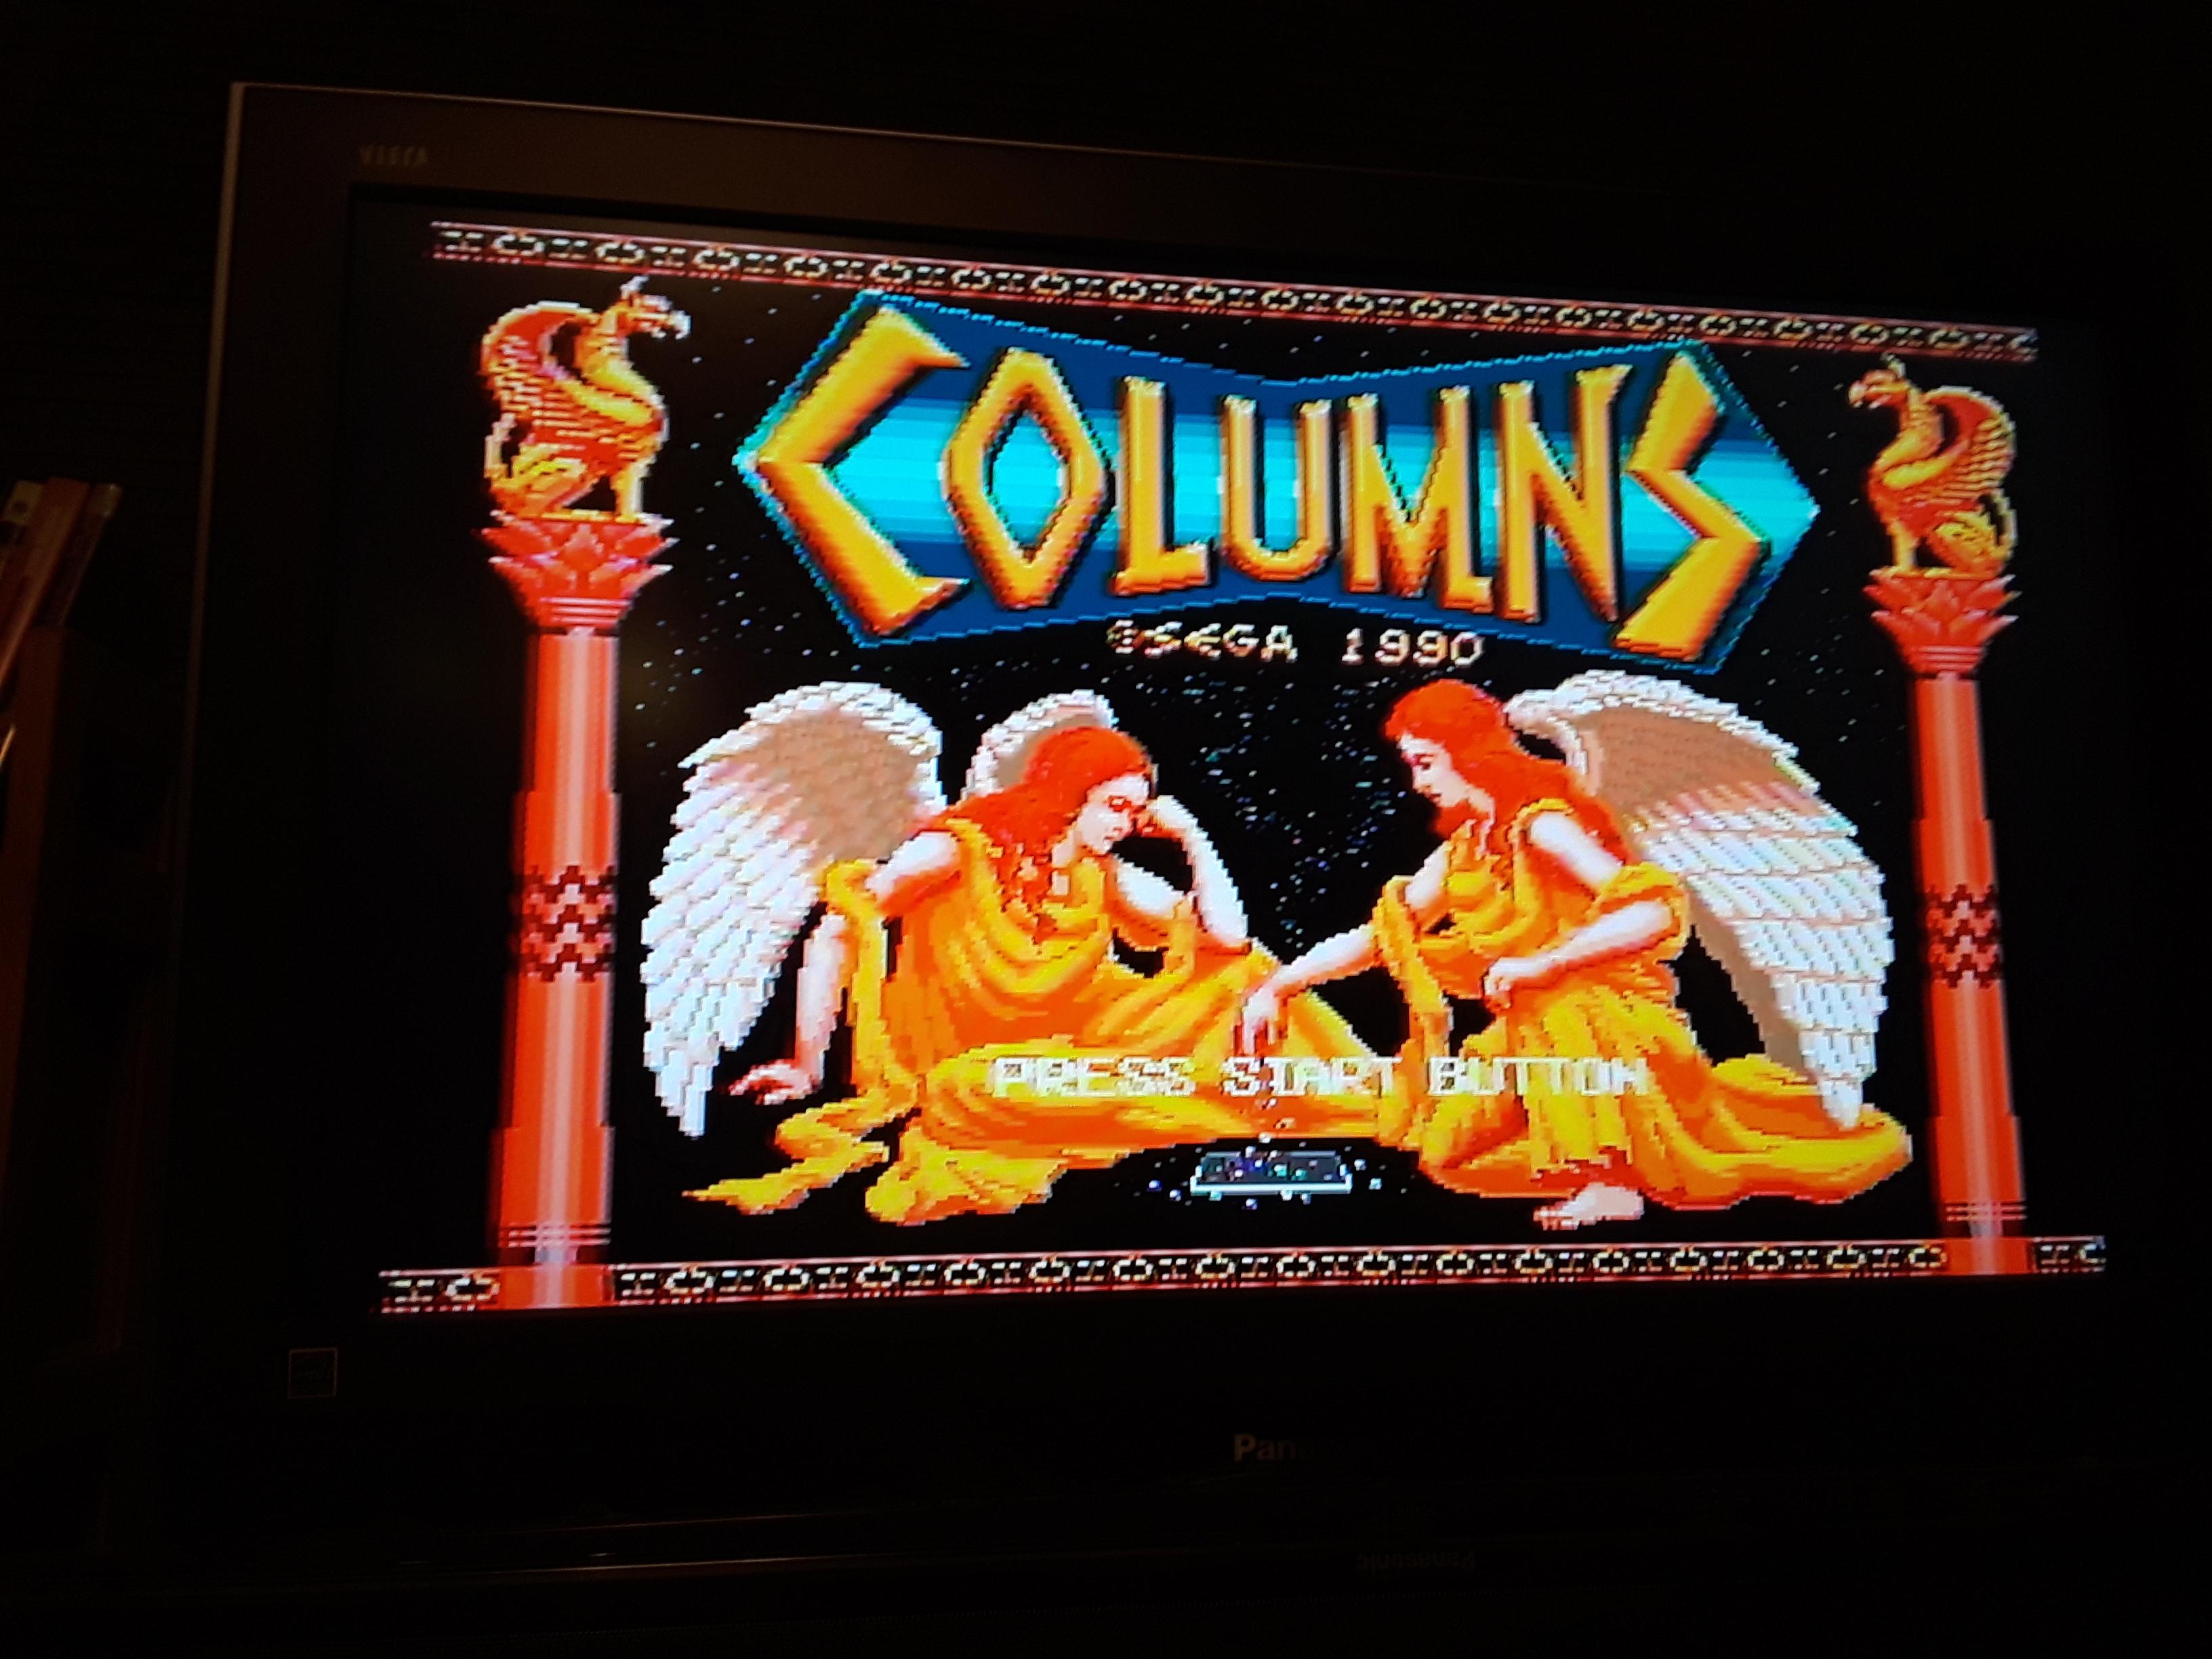 Columns 27,618 points